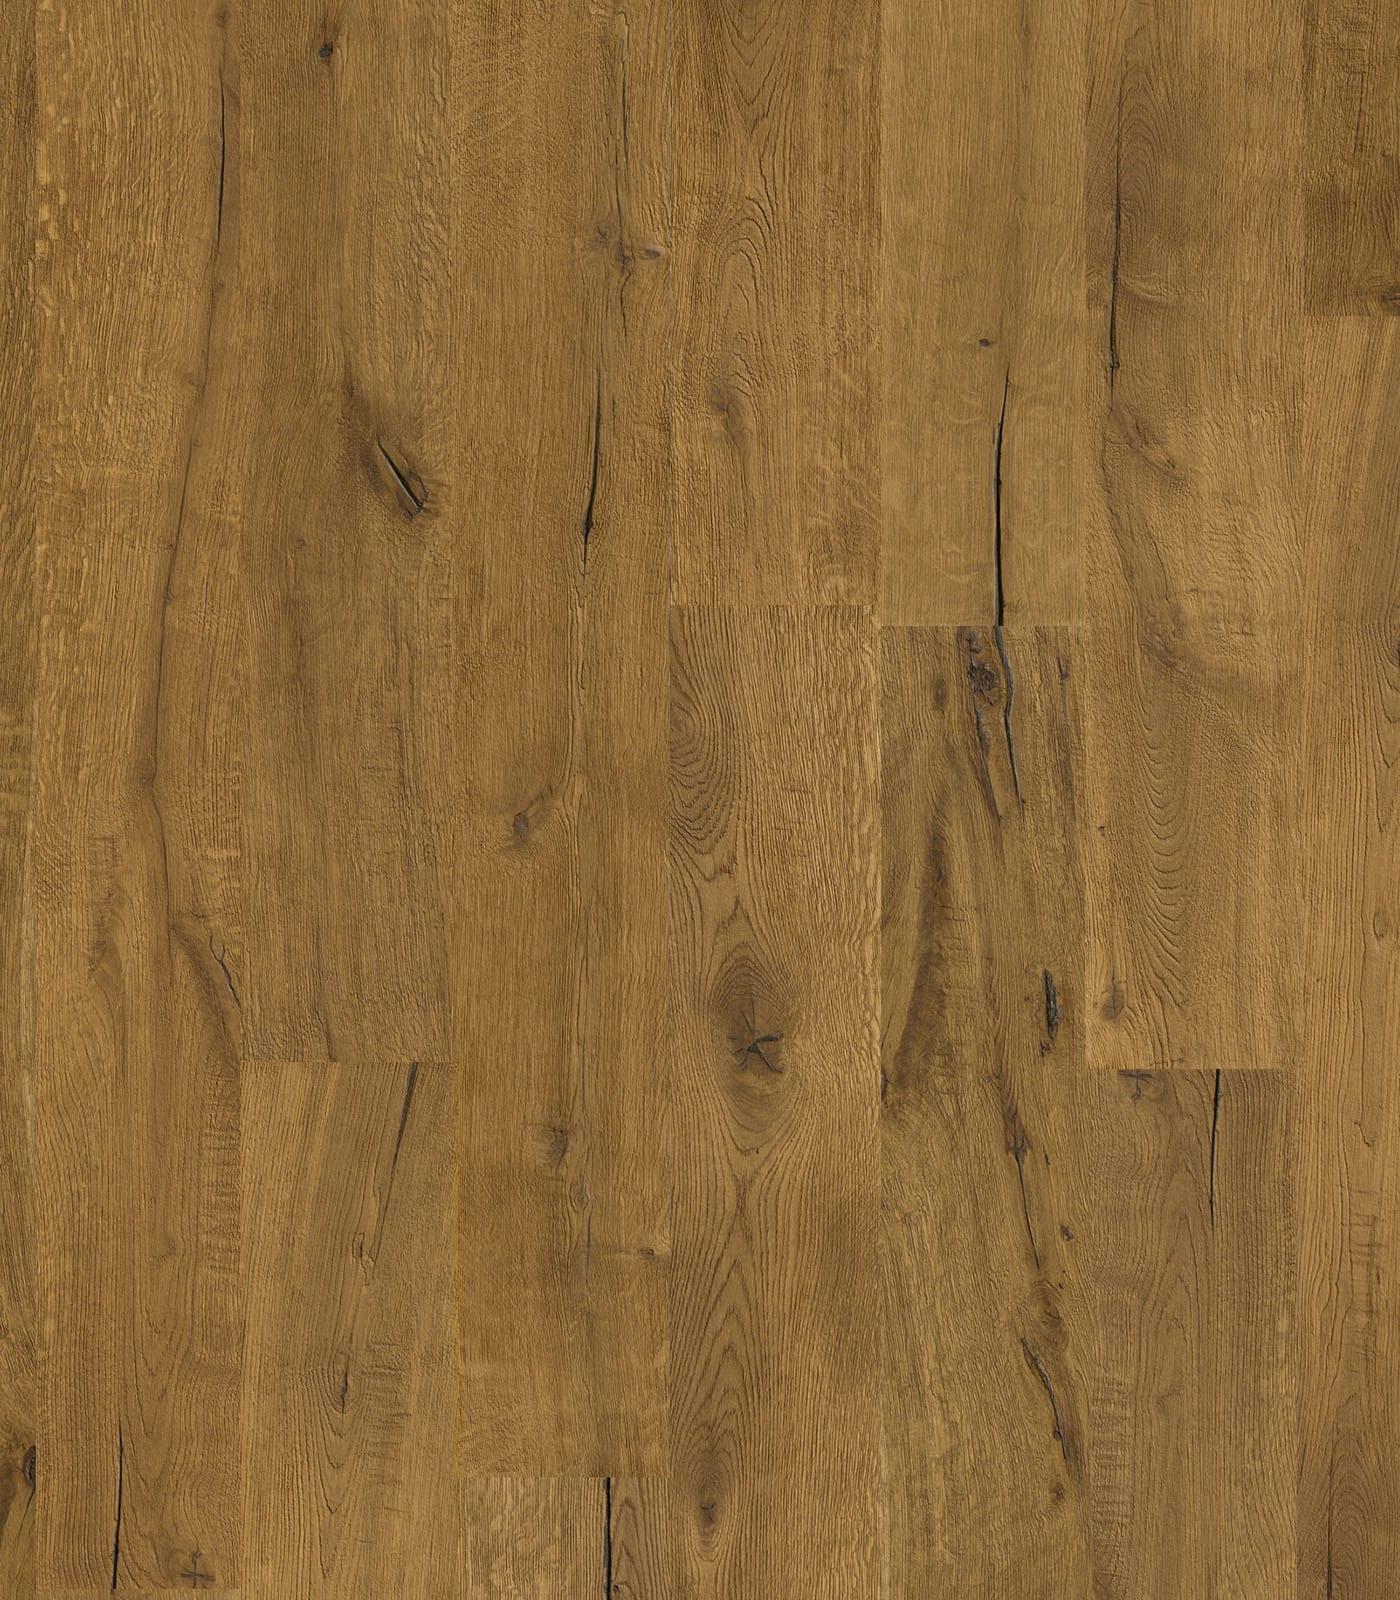 Caucasus-Antique Collection-European Oak Floors-flat